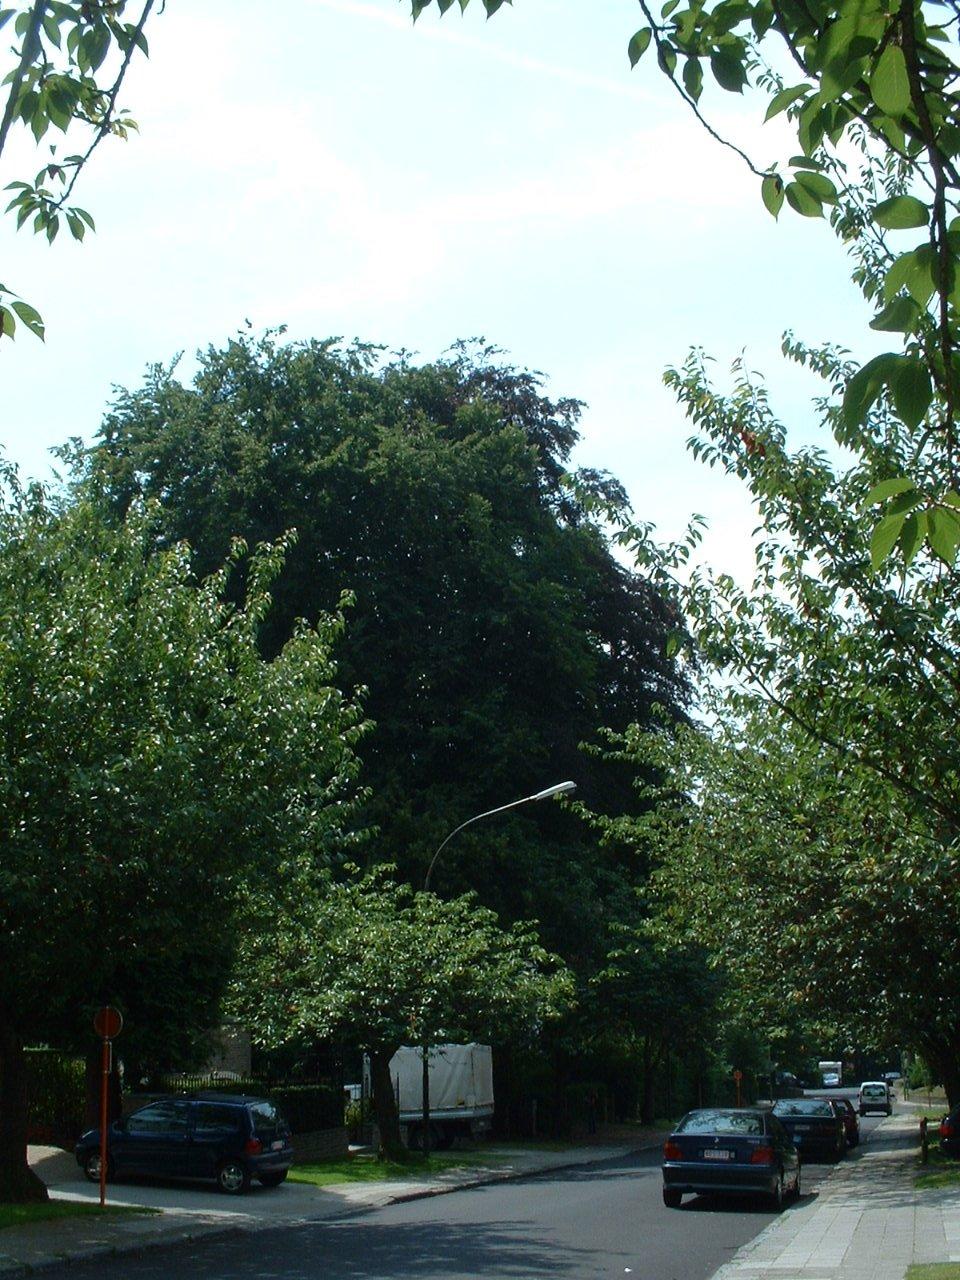 Hêtre pourpre – Watermael-Boitsfort, Avenue de l'Arbalète, 58 –  25 Juillet 2002